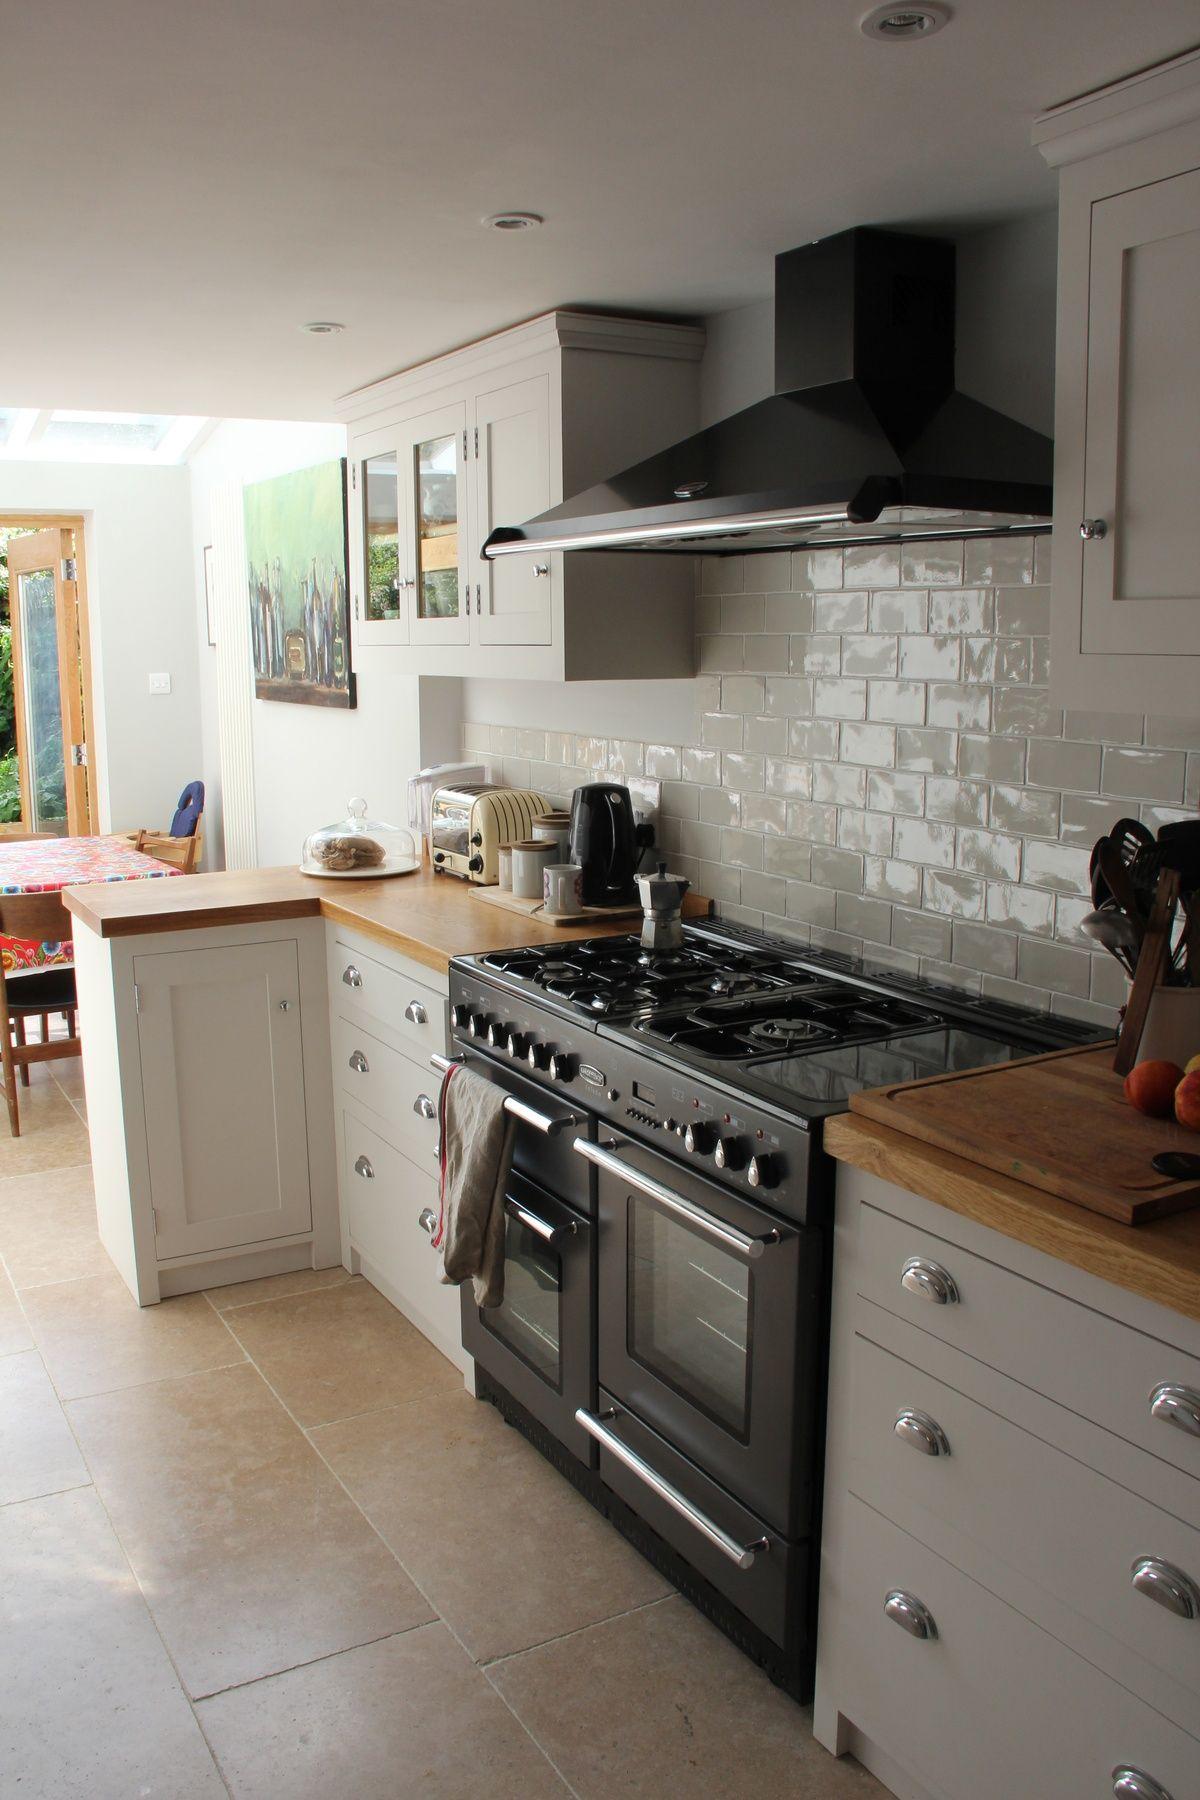 Pin By 王宇睿 On Houses Kitchen Kitchen Tiles Kitchen Decor